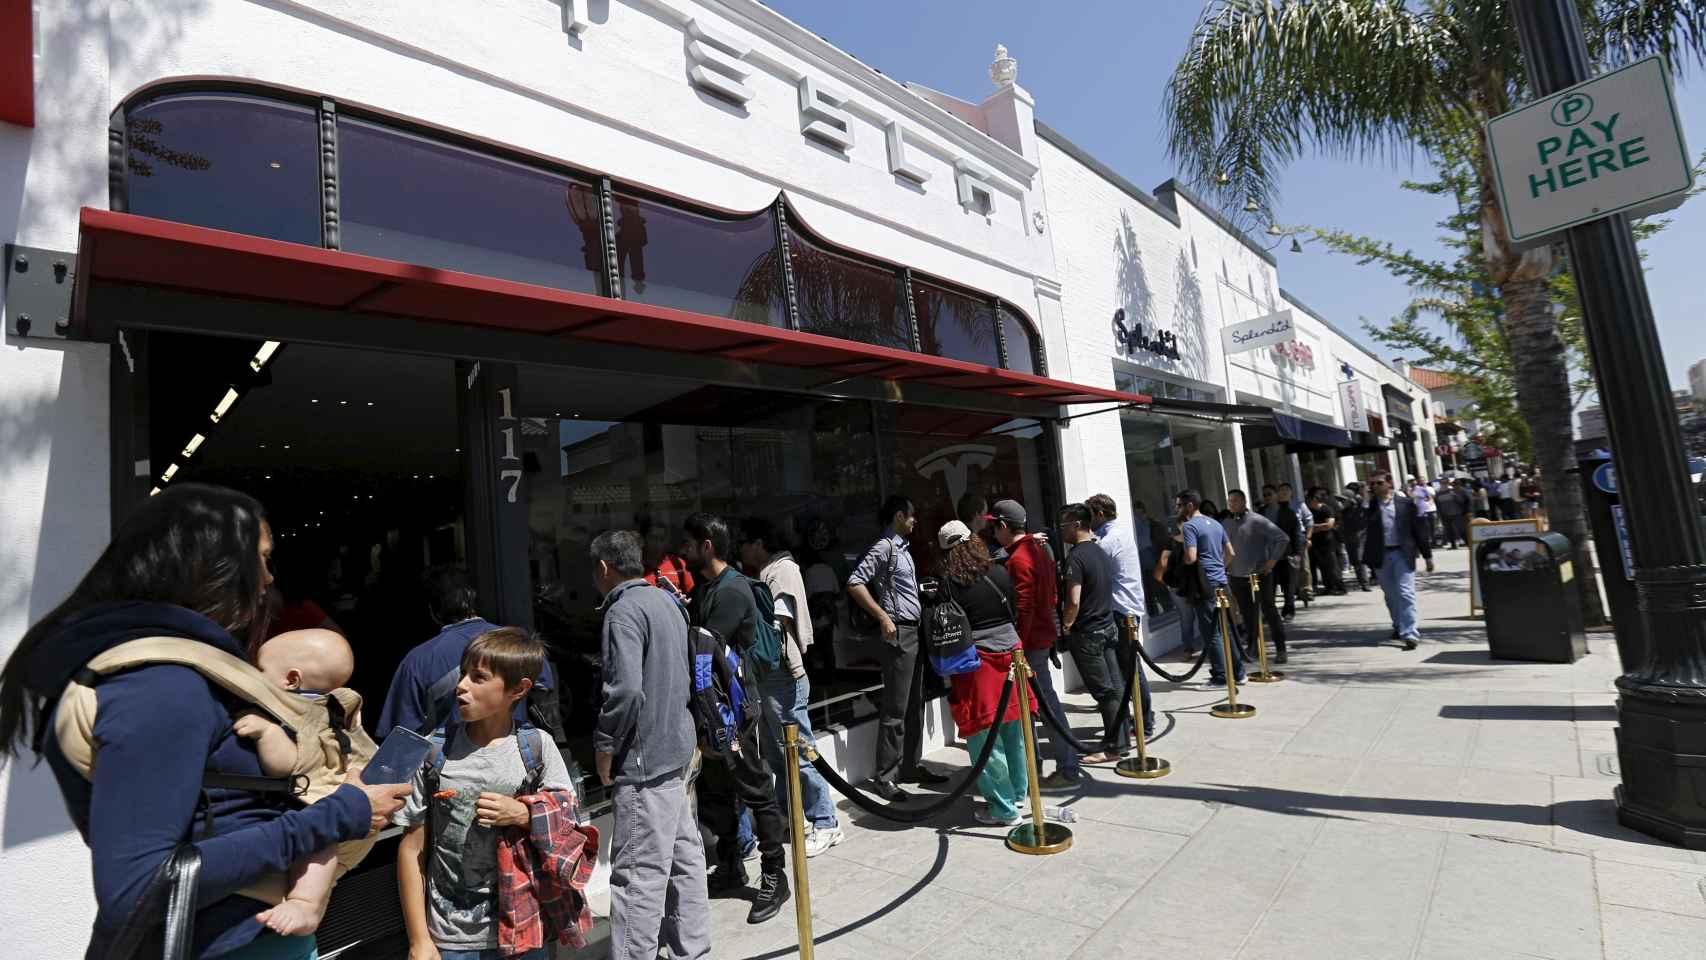 Larga cola frente a una tienda Tesla en Pasadena, California, a causa del Modelo 3.